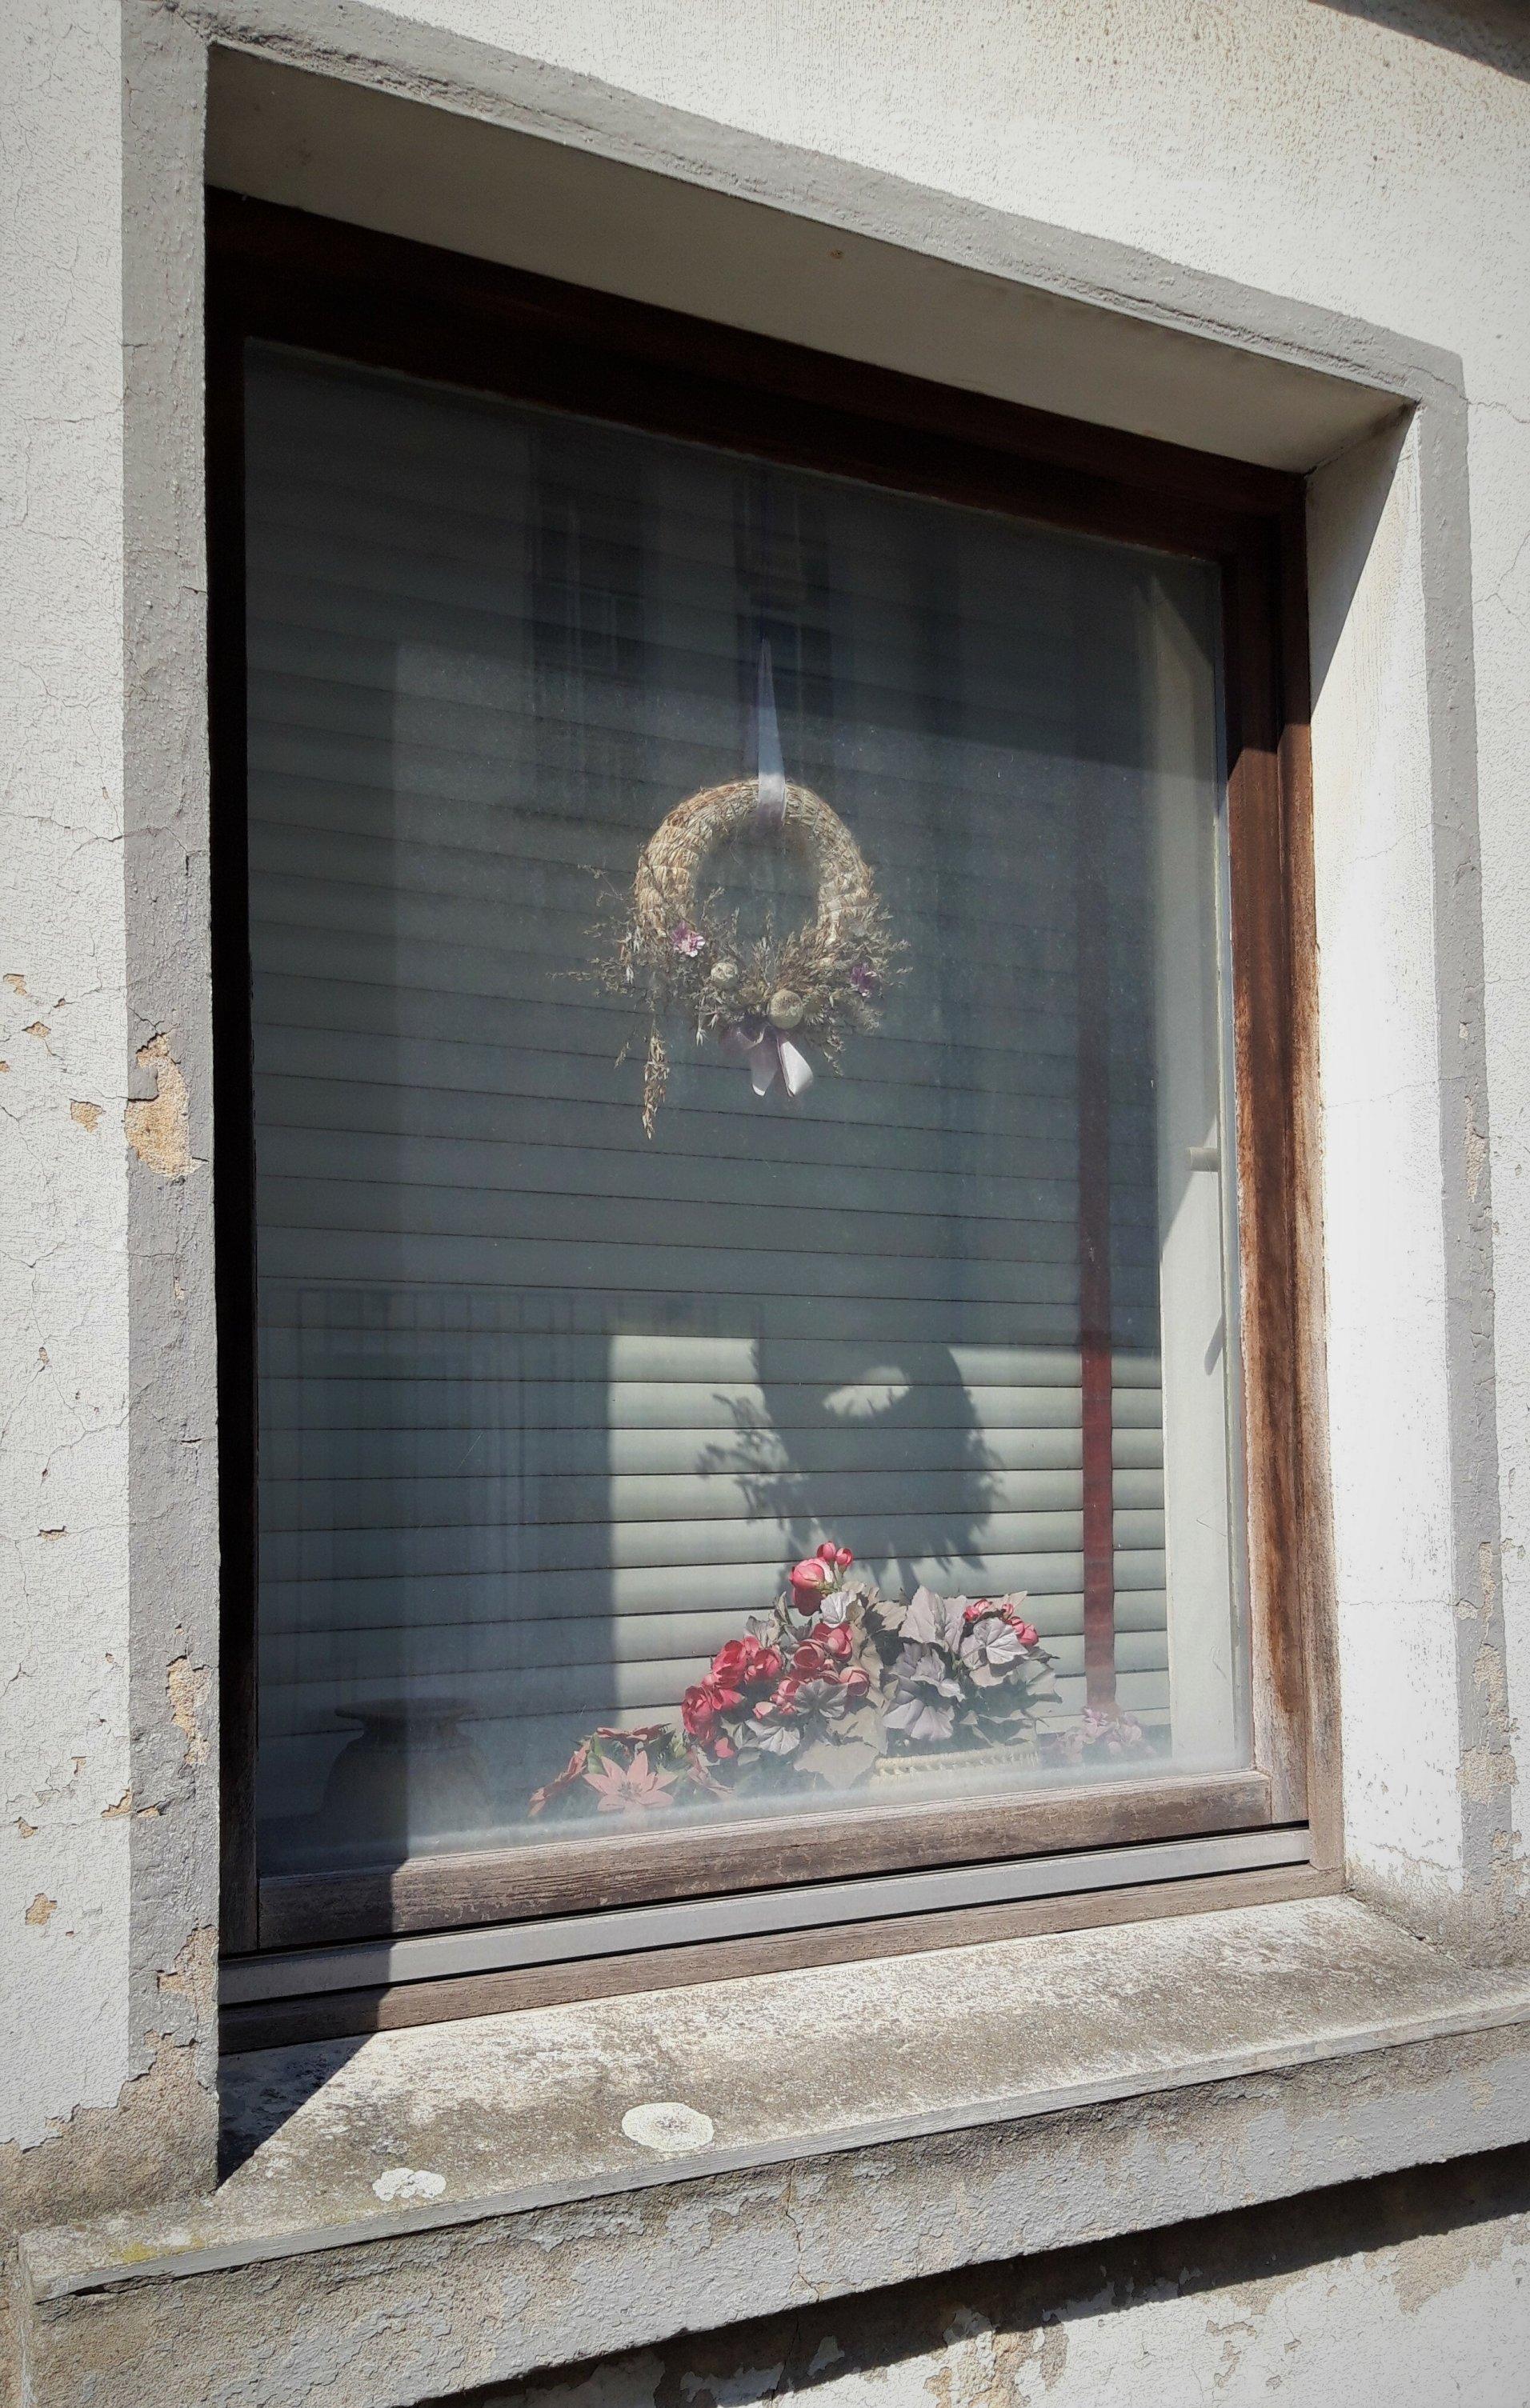 In einer schäbig-weißen Hauswand tut sich eine Fensteröffnung auf. Zwischen Glas und heruntergelassener Jalousie hängt ein staubiger Flechtkranz; darunter steht ein kleines Bouquet aus Plastikblumen.